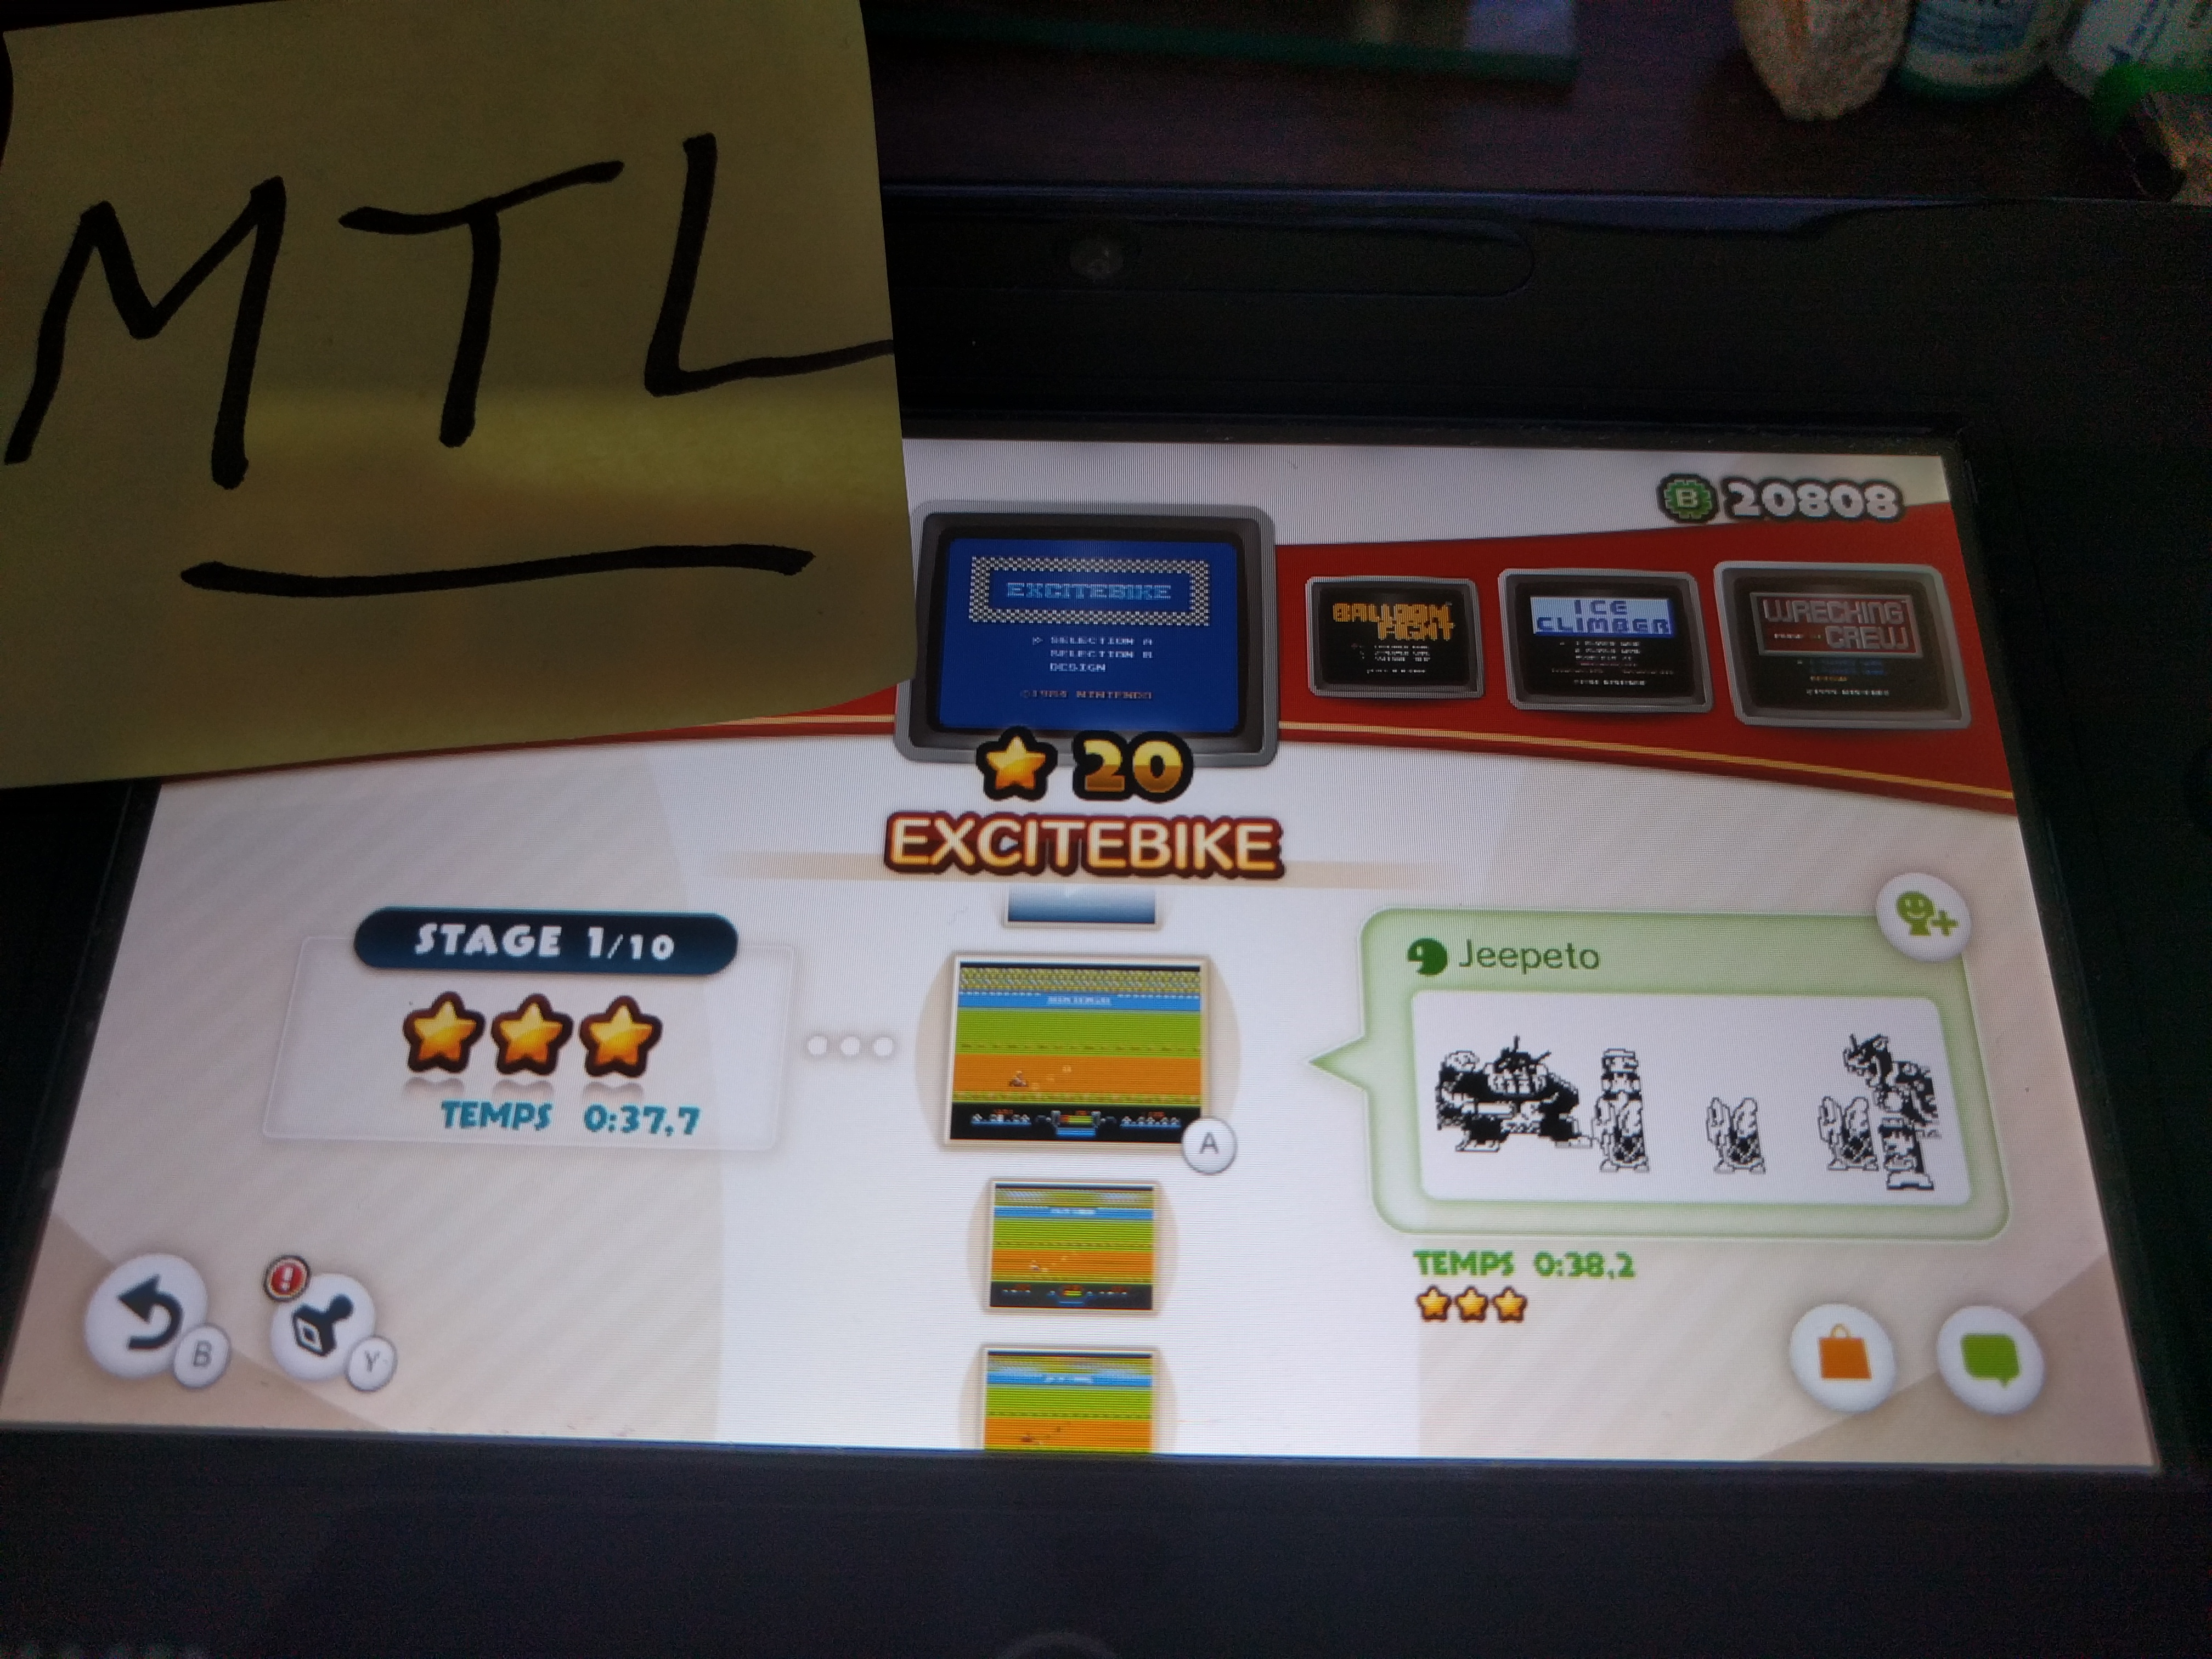 Mantalow: NES Remix: Excitebike: Stage 1 (Wii U) 0:00:37.7 points on 2016-06-09 02:04:48